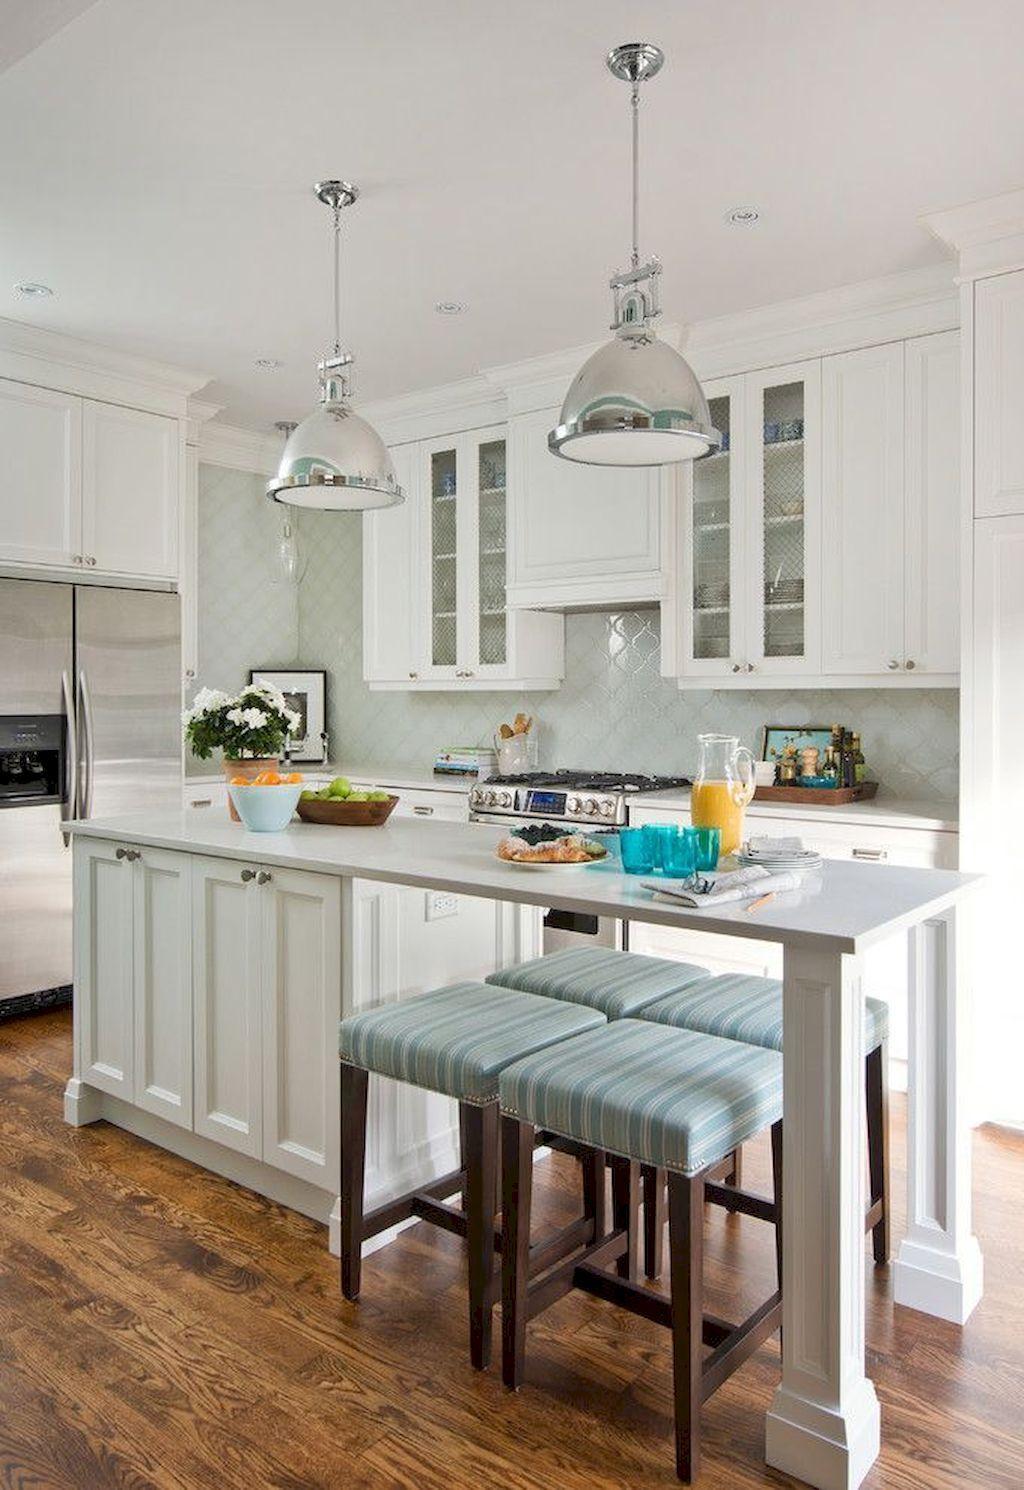 Stunning Kitchen Island Design Ideas (35 Kitchen design